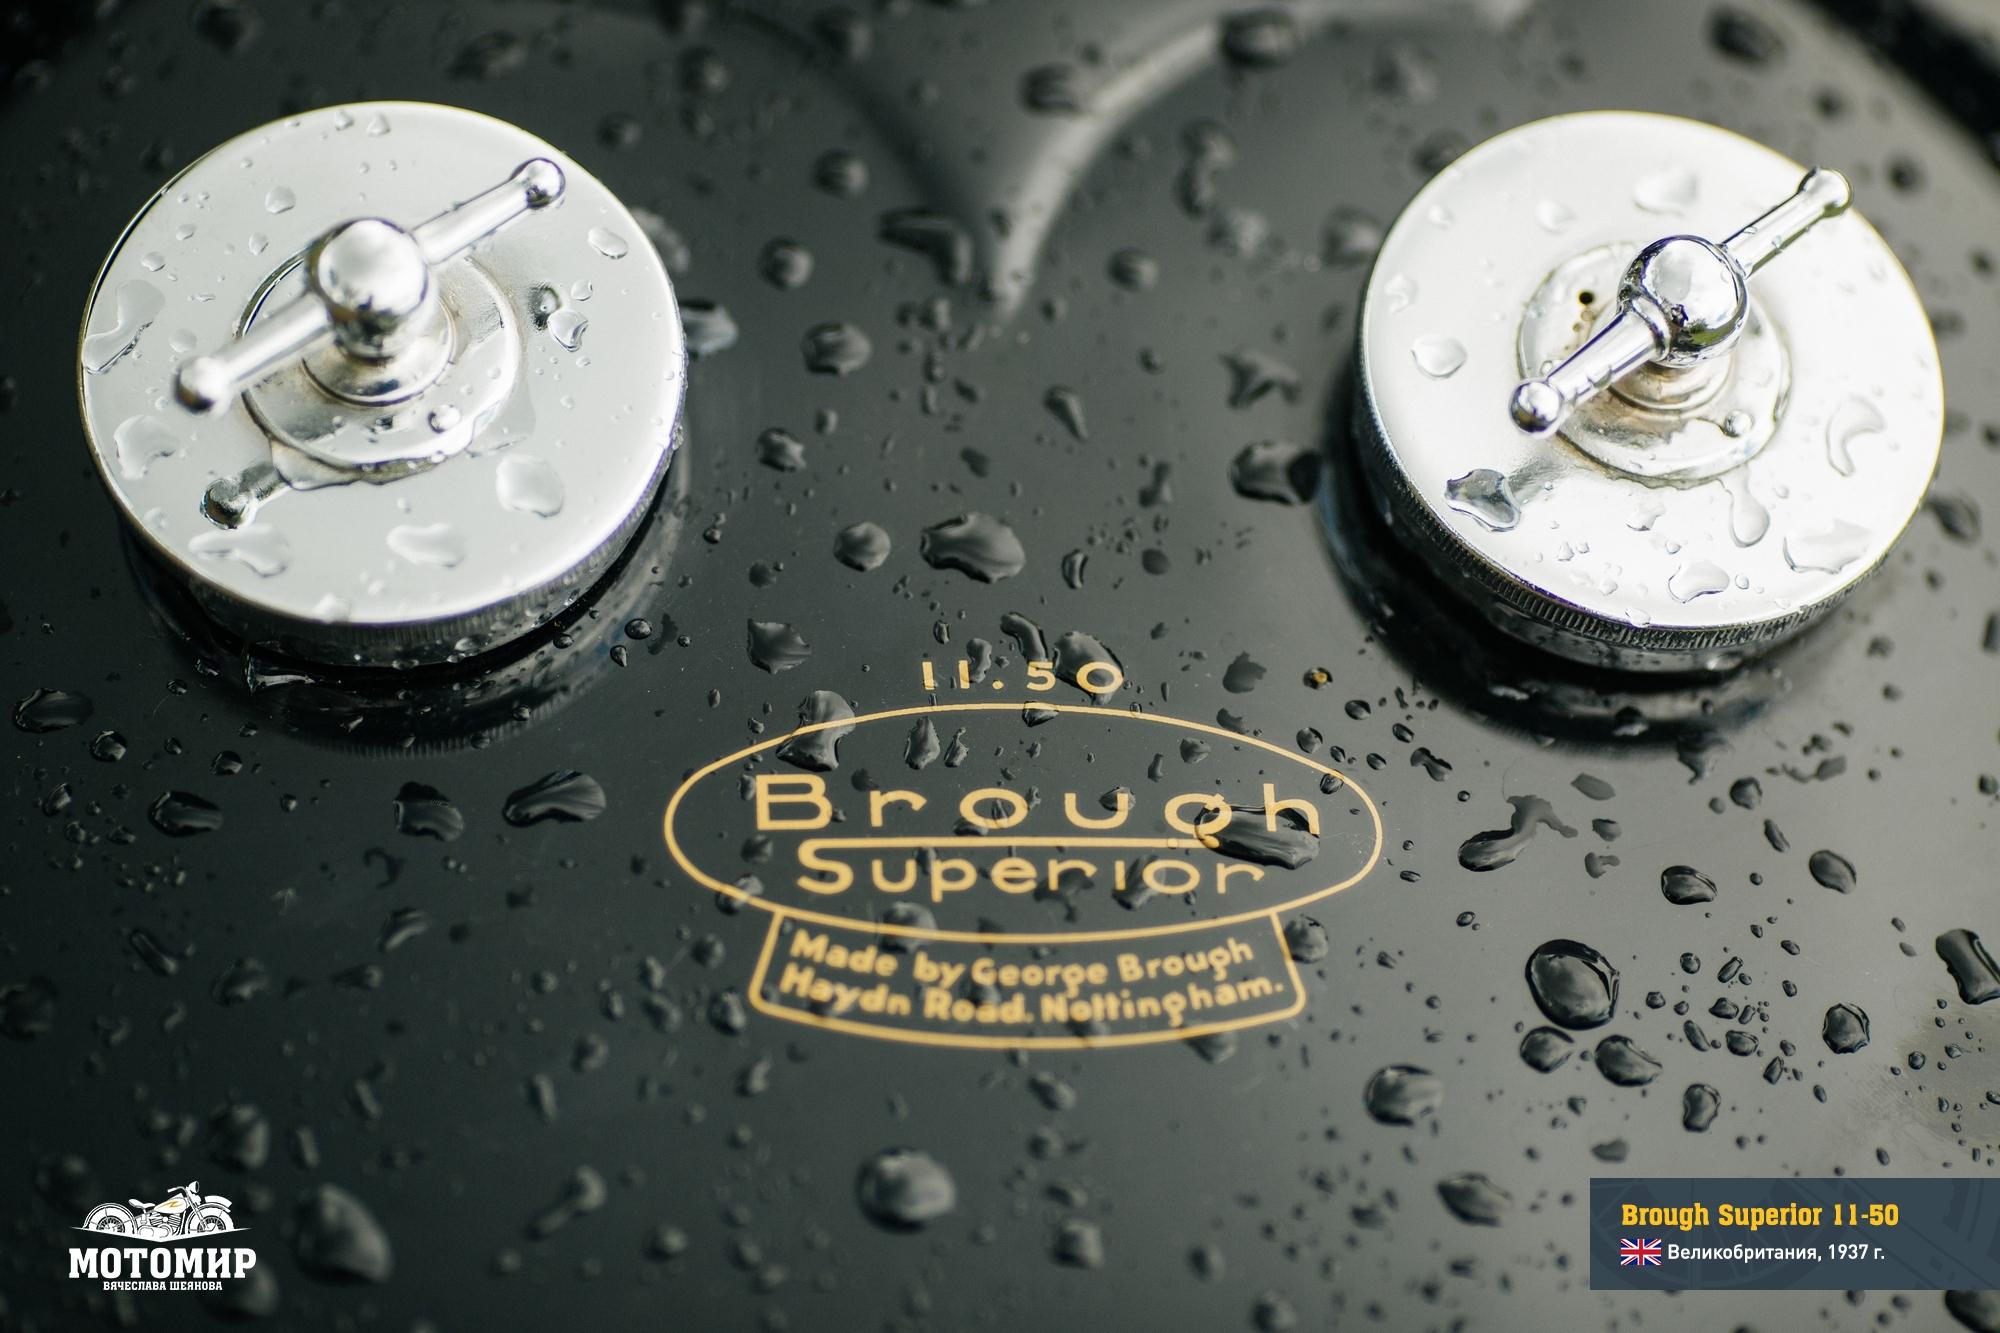 brough-superior-11-50-201509-web-14